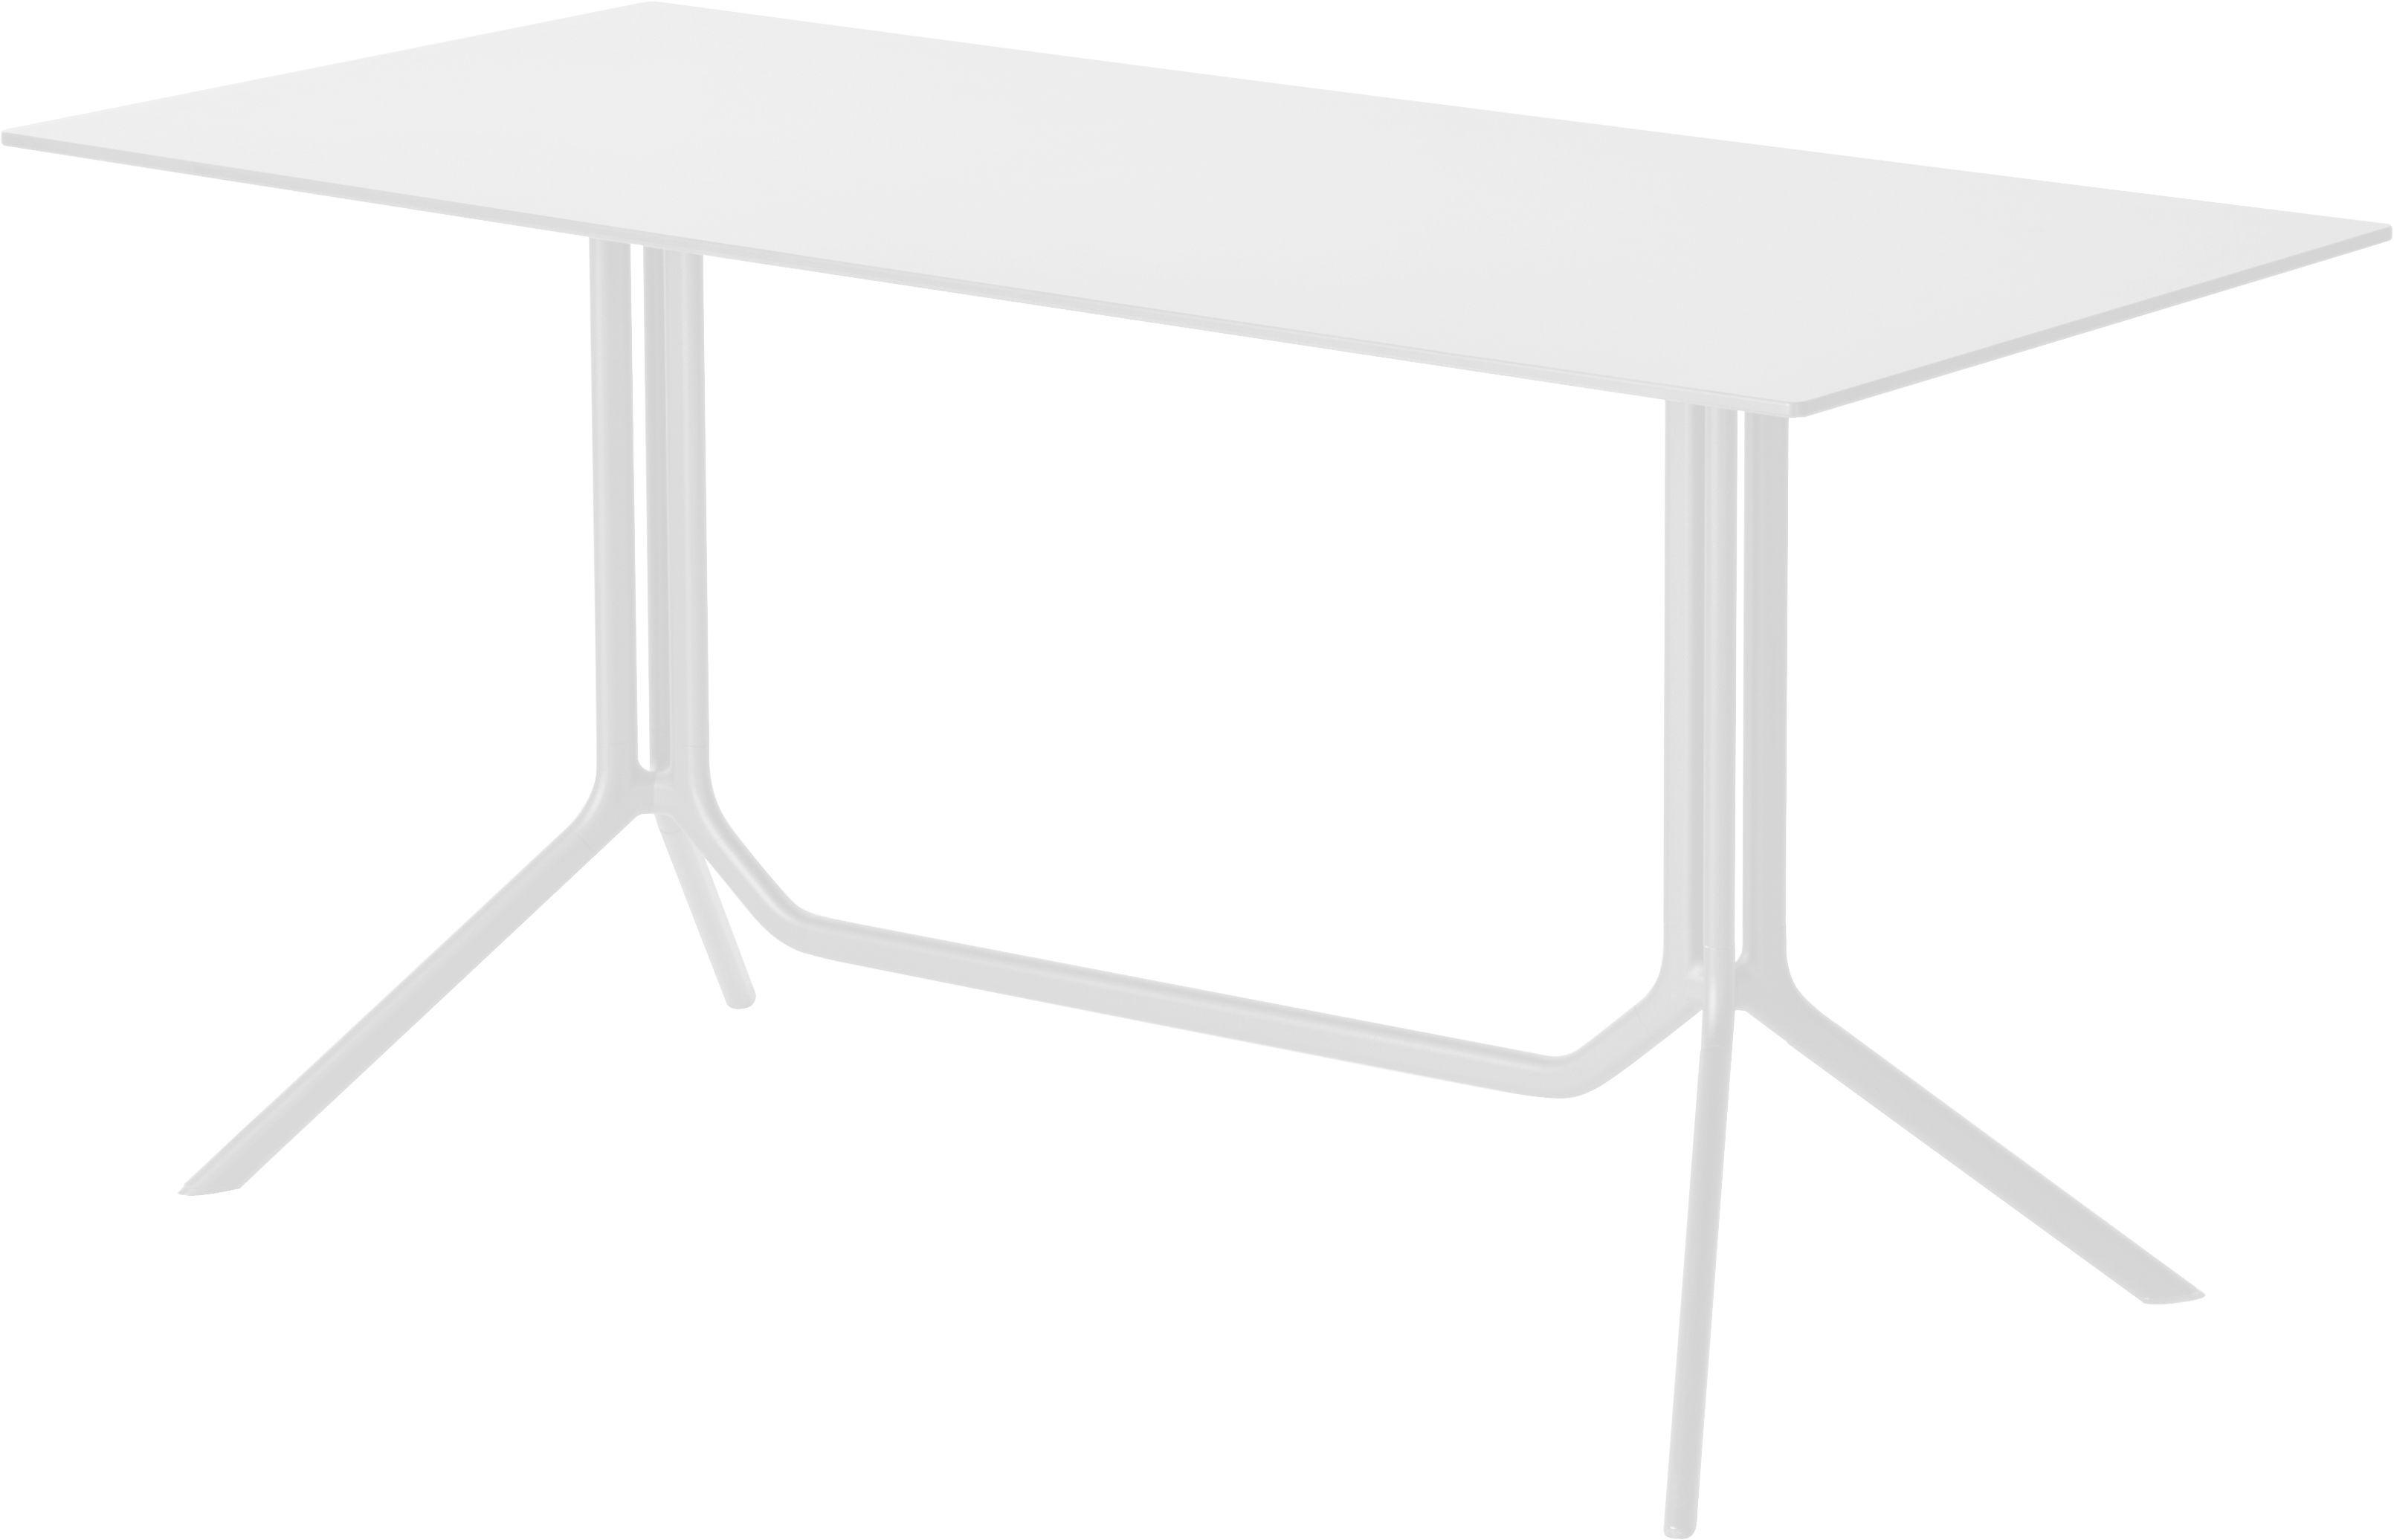 Outdoor - Tische - Poule double rechteckiger Tisch 150 x 70 cm - feste Tischplatte - Kristalia - Laminat weiß (